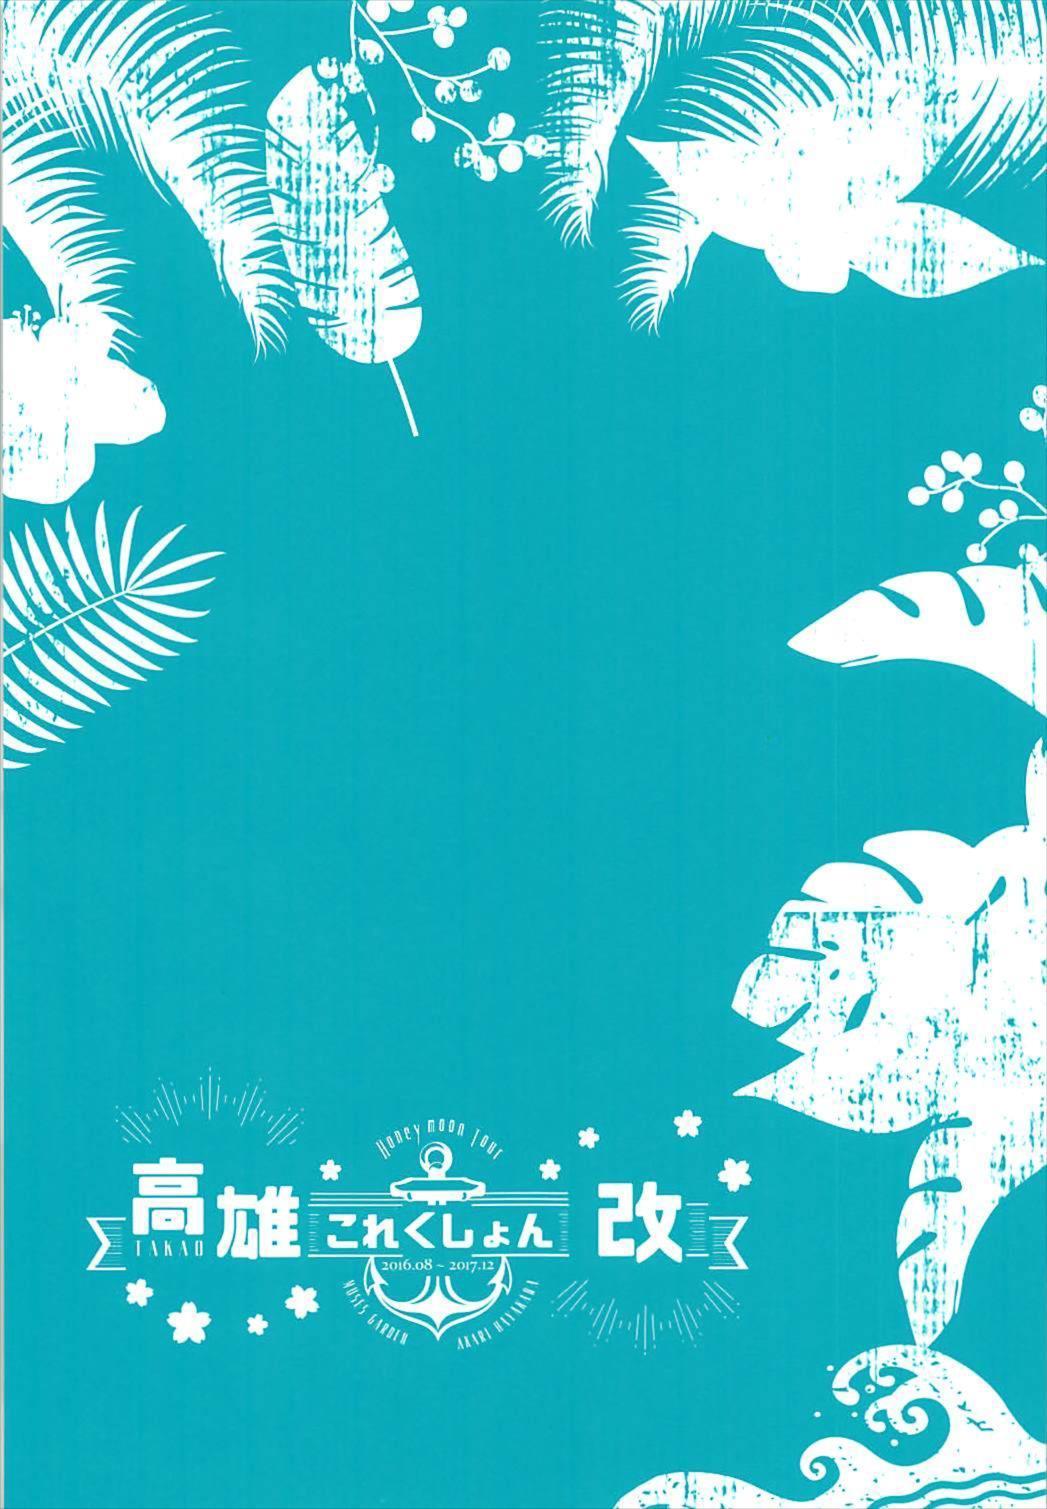 Takao Collection Kai Honeymoon Tour 2